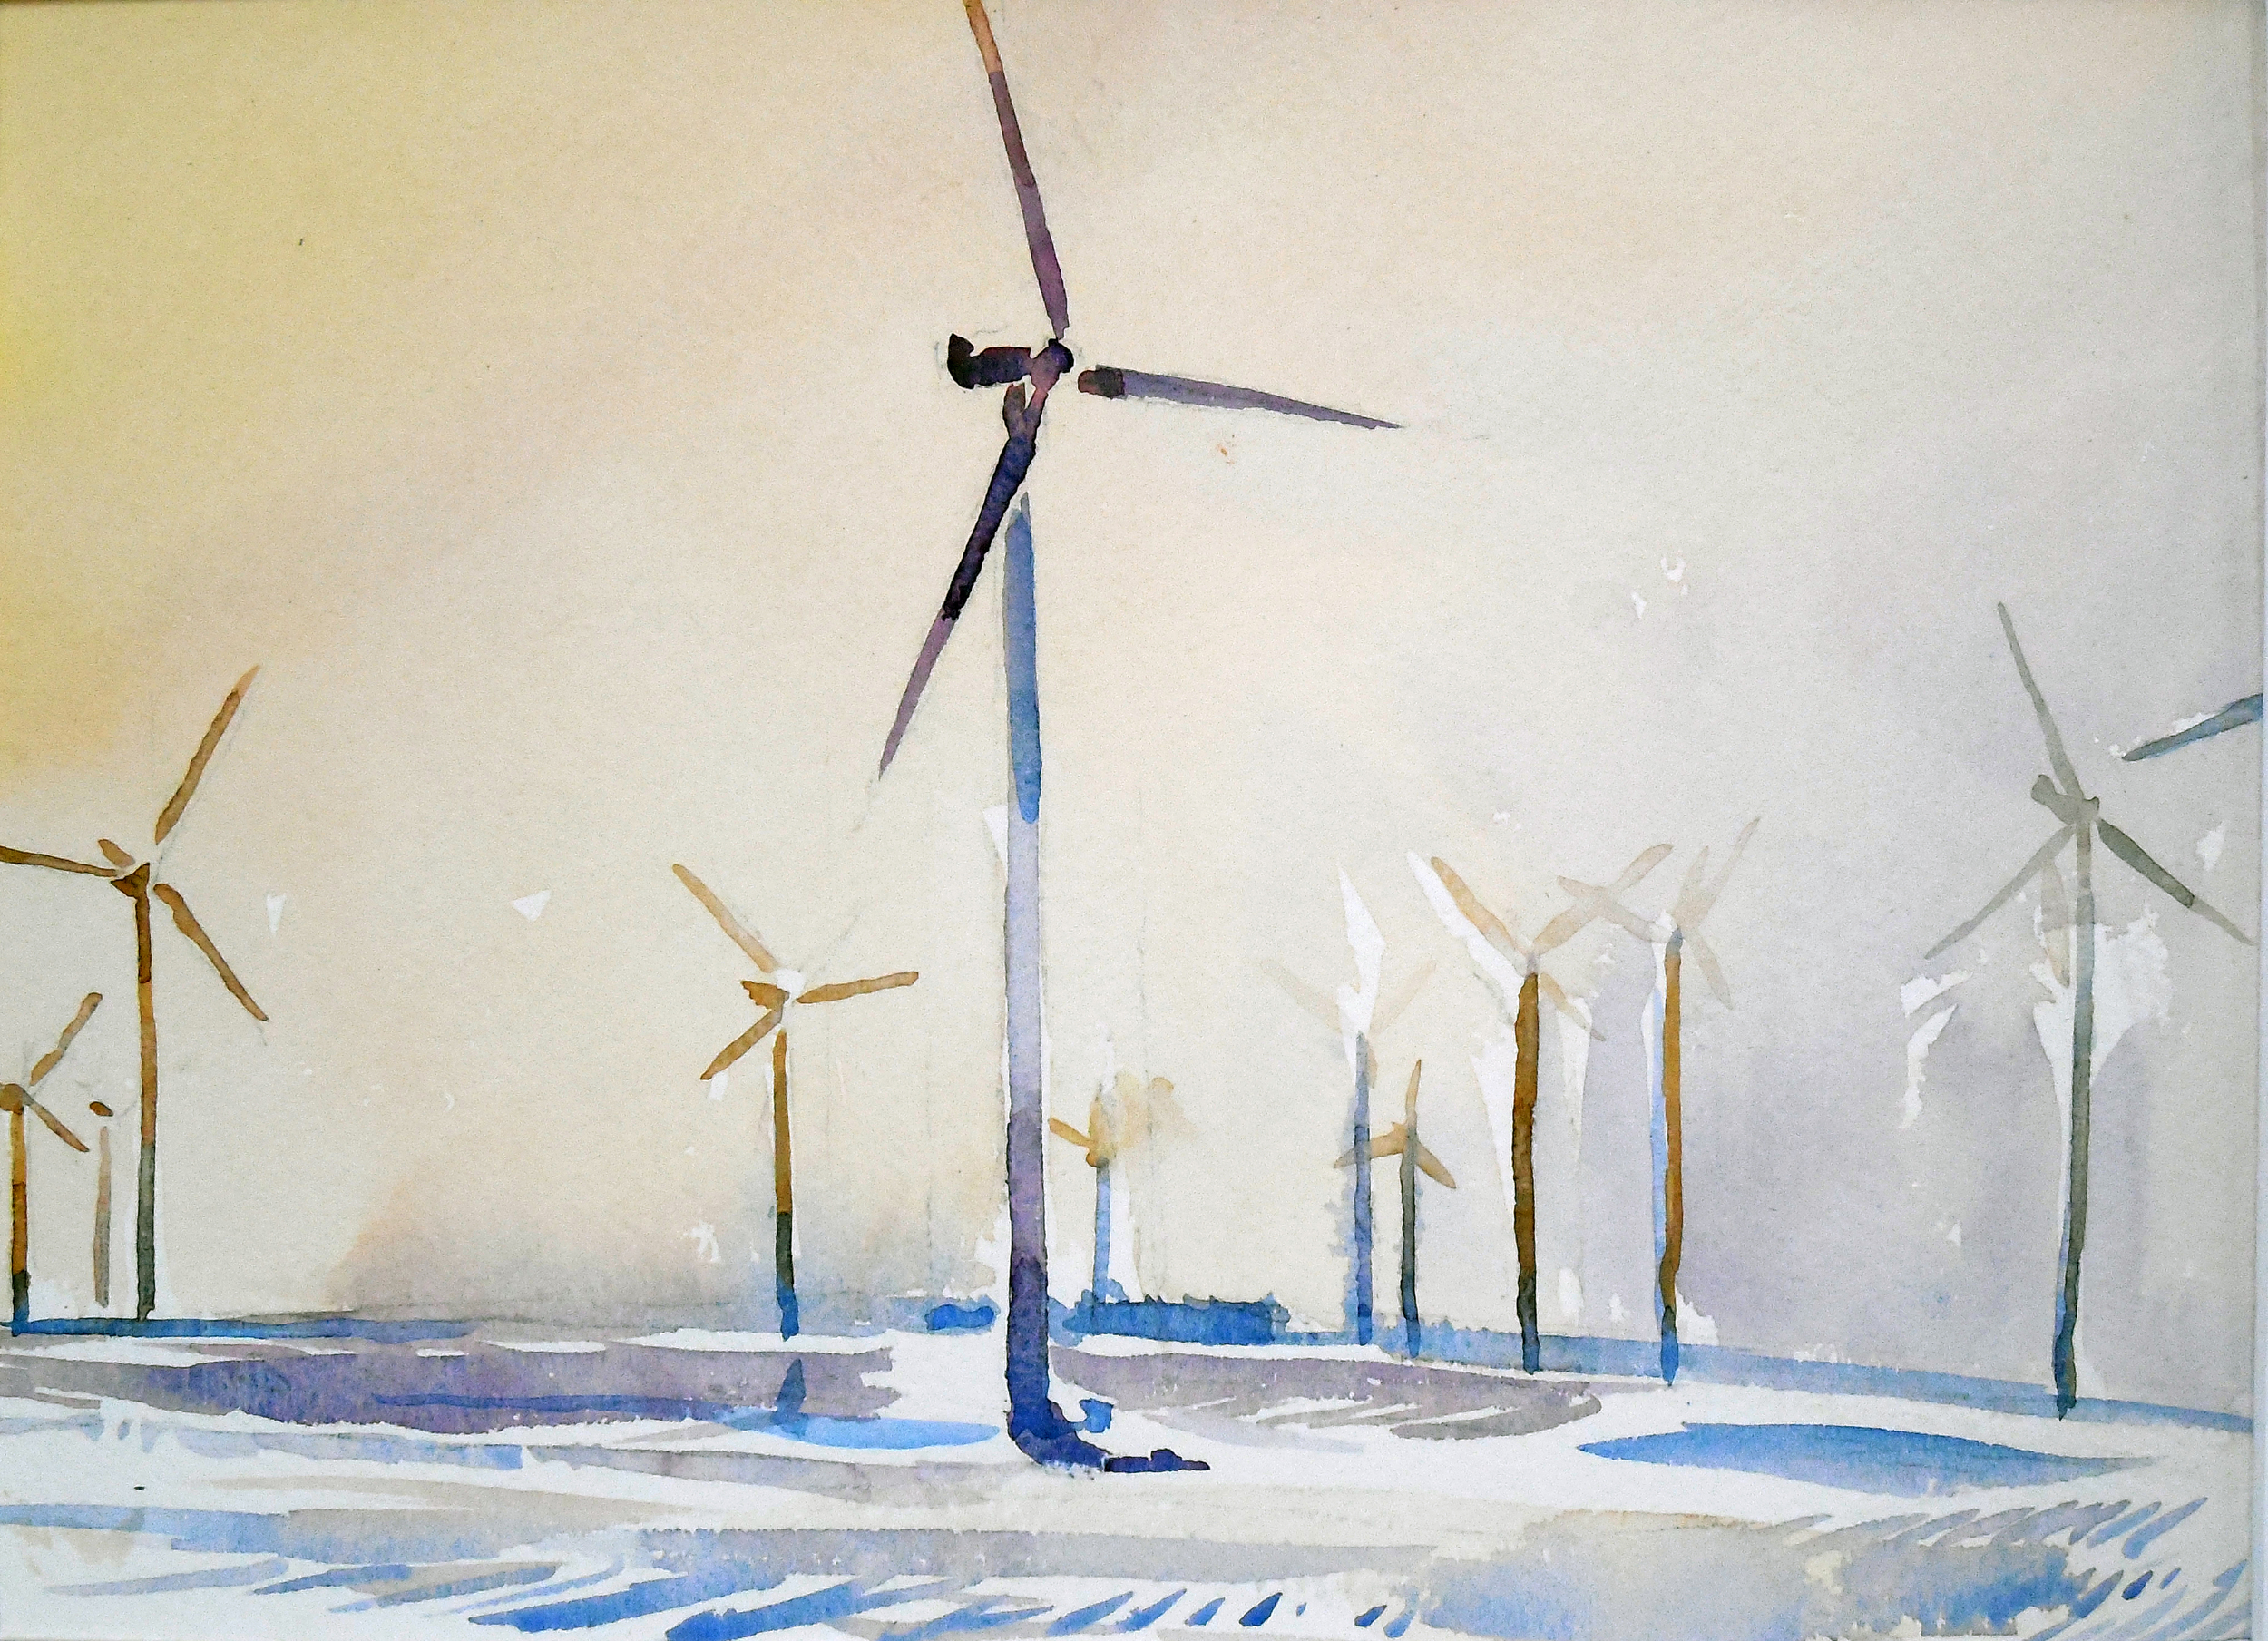 Wind Towers II 1:9:15. jpg